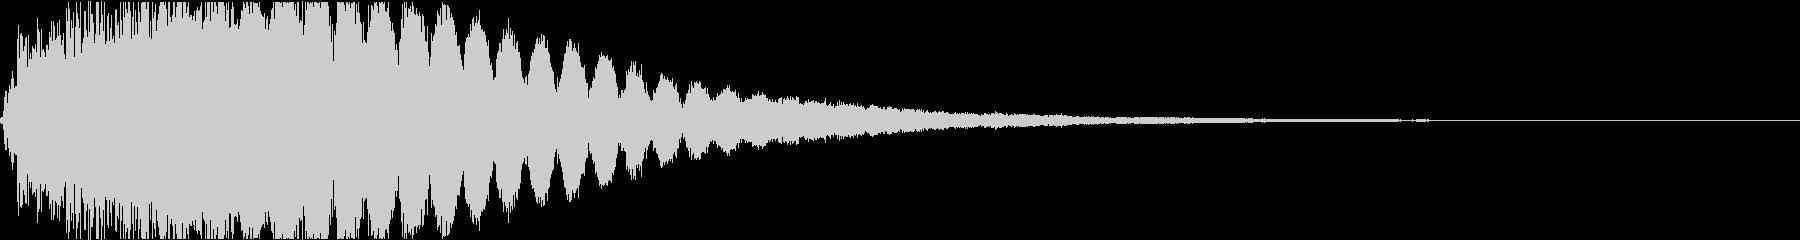 キュイン ギュイーン シャキーン 07の未再生の波形